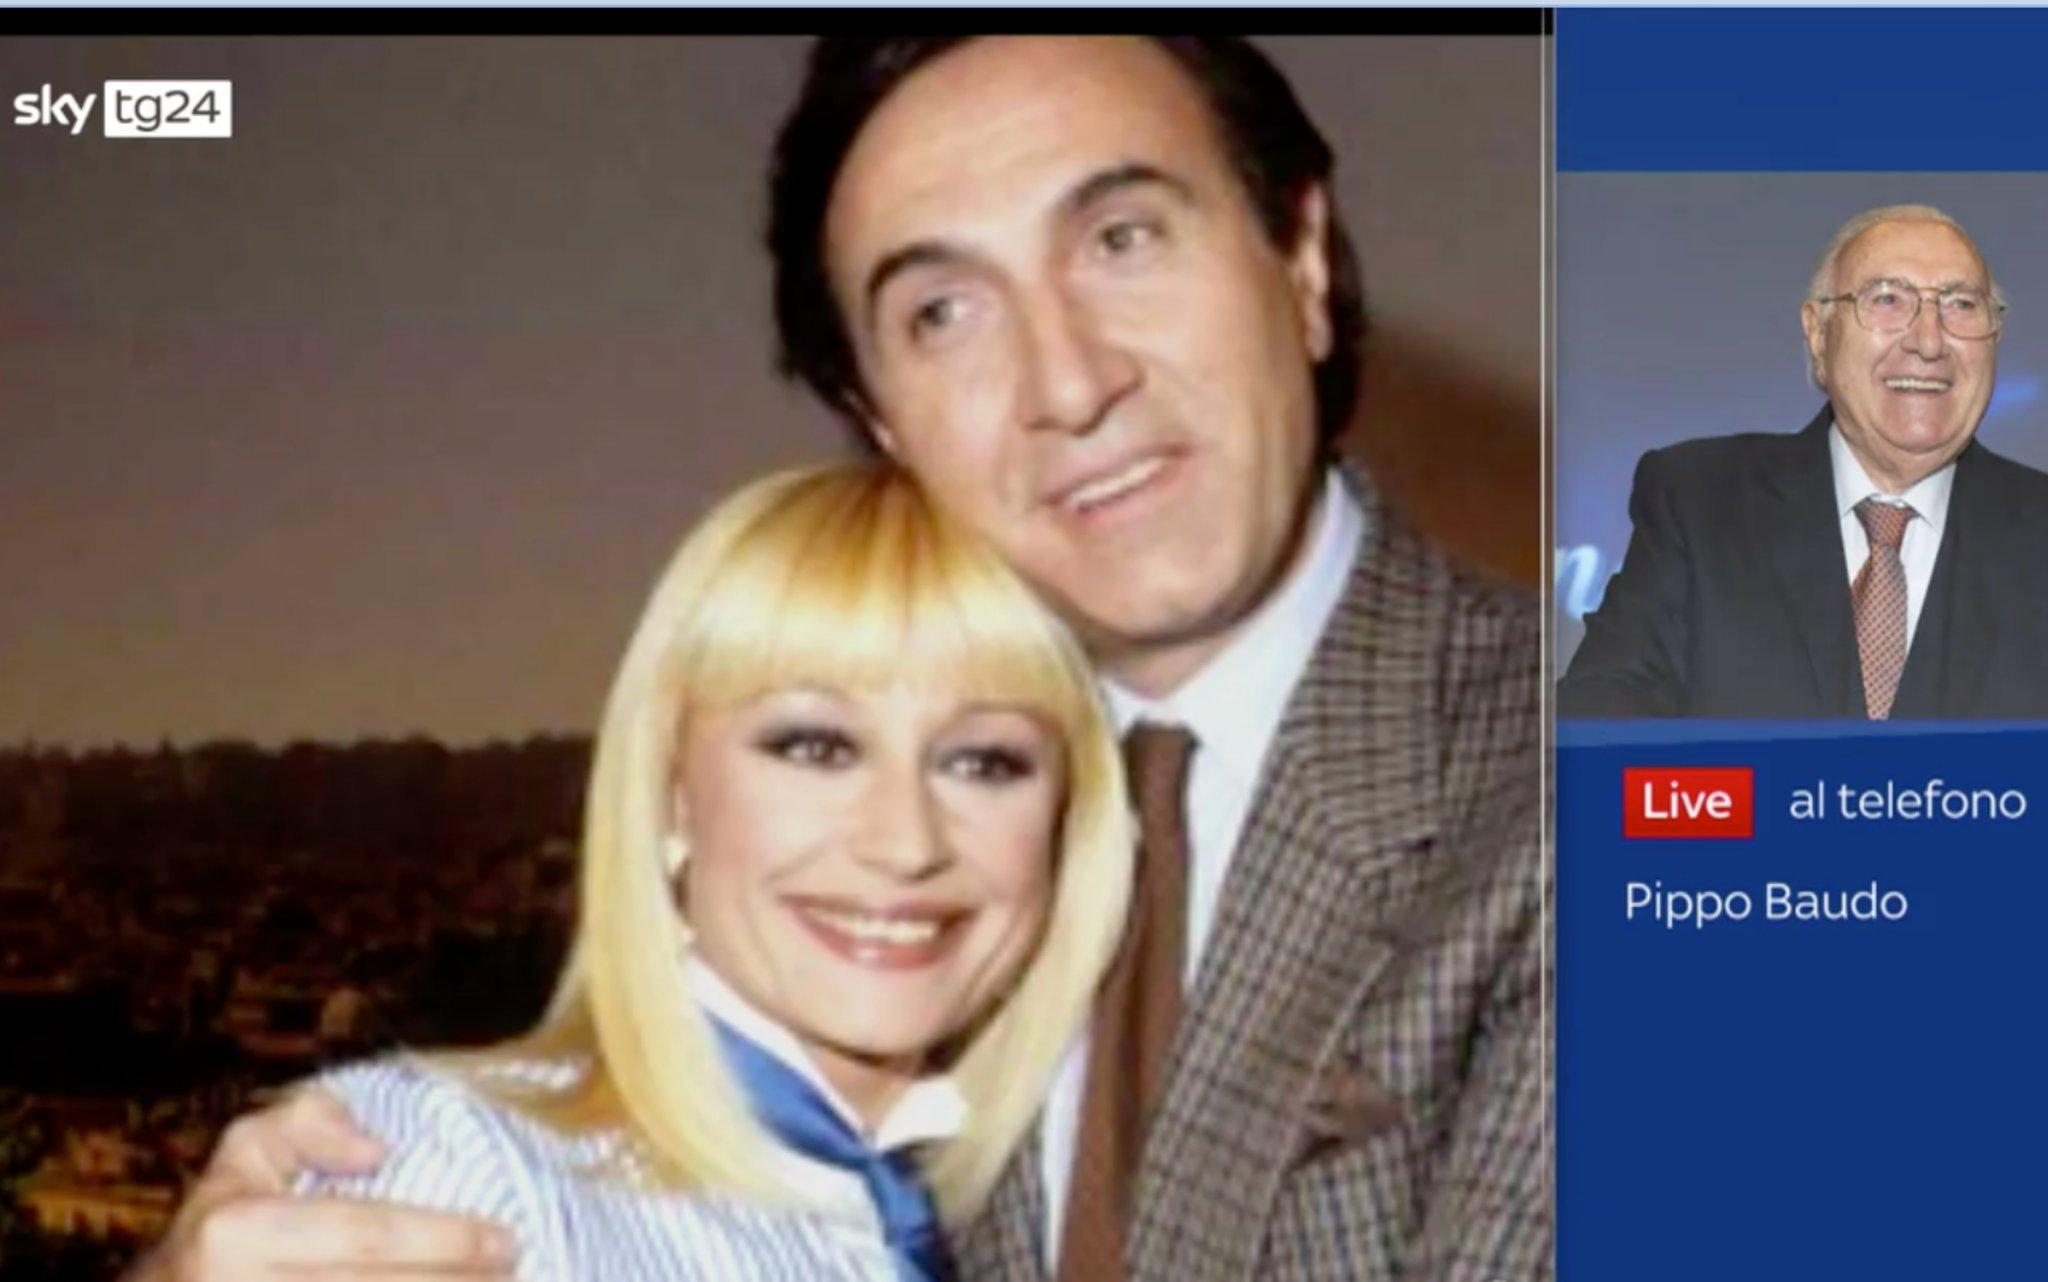 """Raffaella Carrà, Pippo Baudo a Sky TG24: """"È stata una grande artista'"""